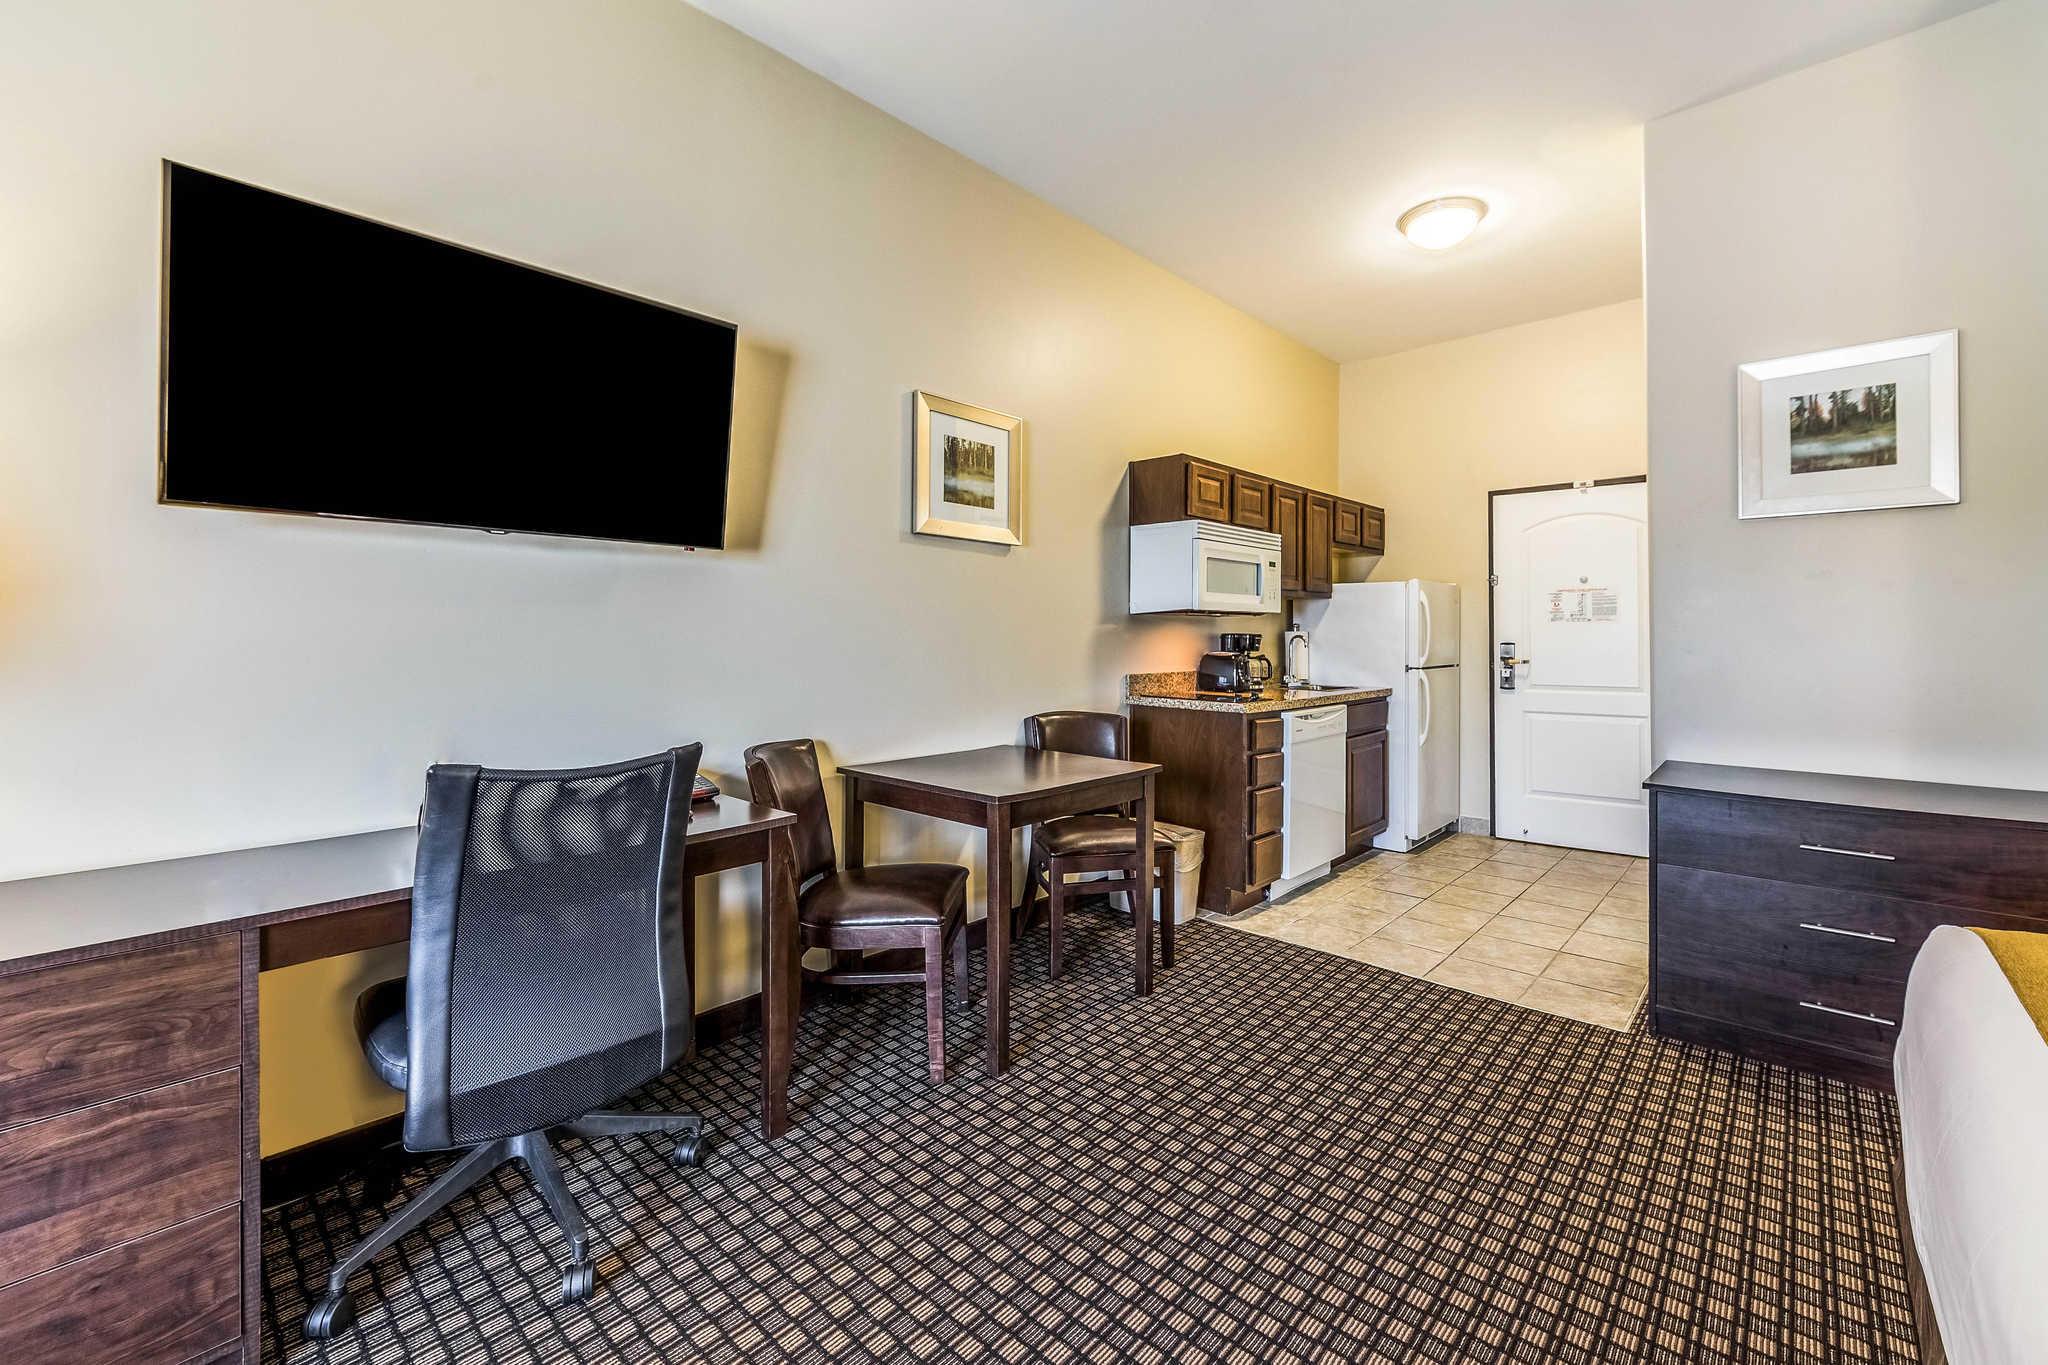 Comfort Inn & Suites Barnesville - Frackville image 10